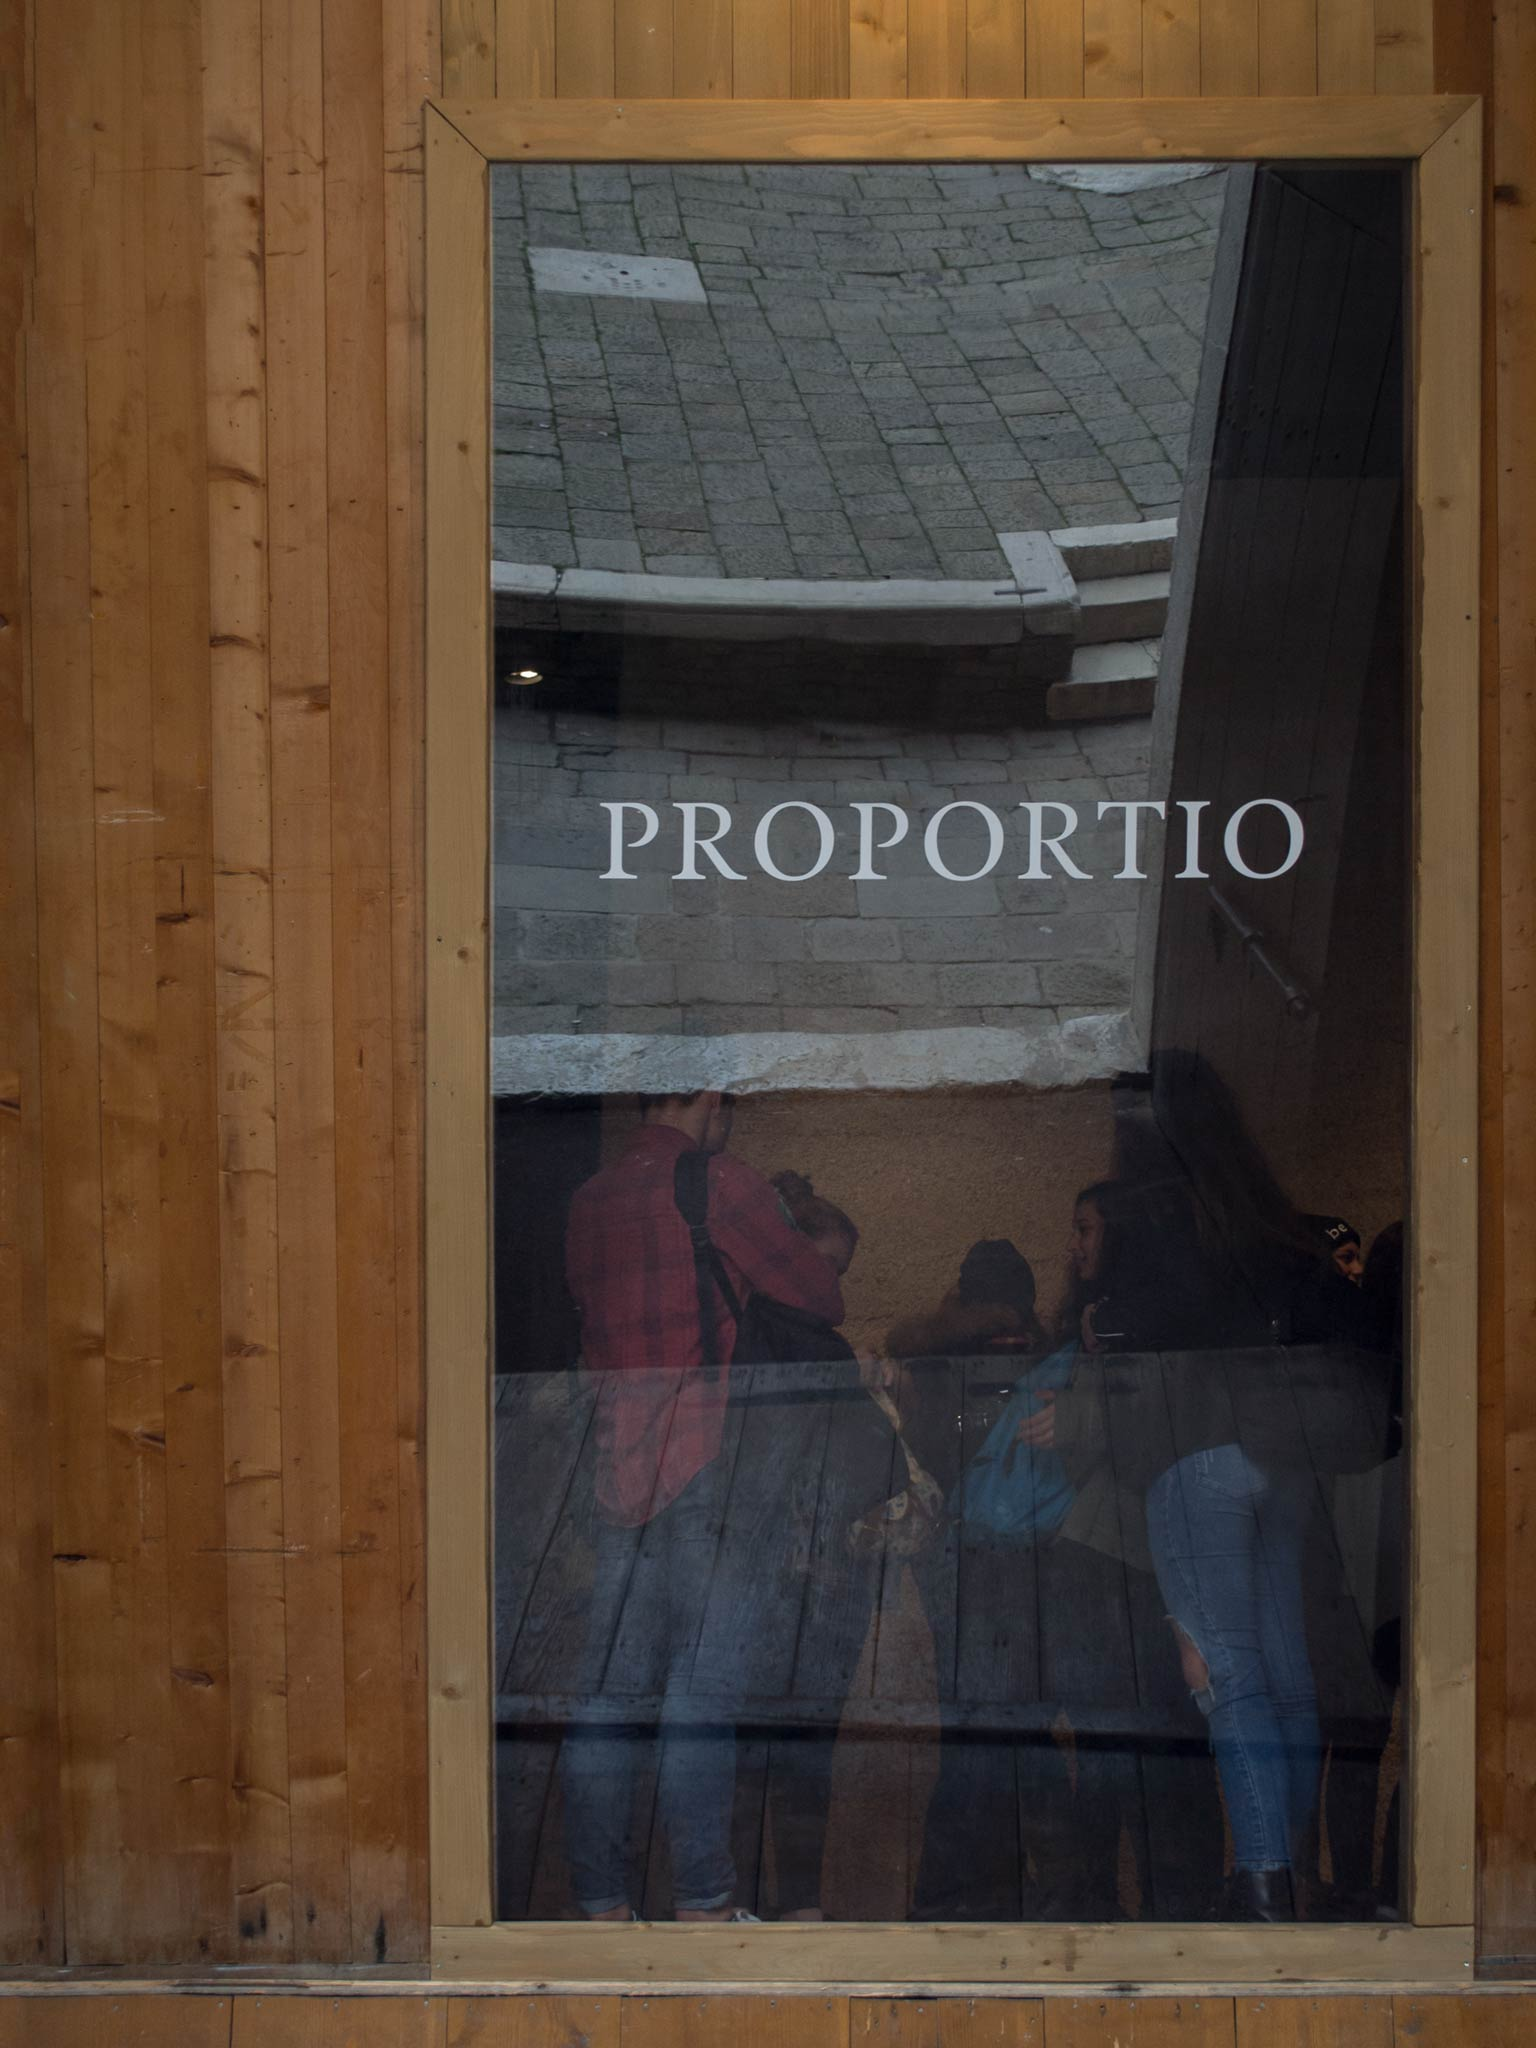 Proportio - archigrafia 1